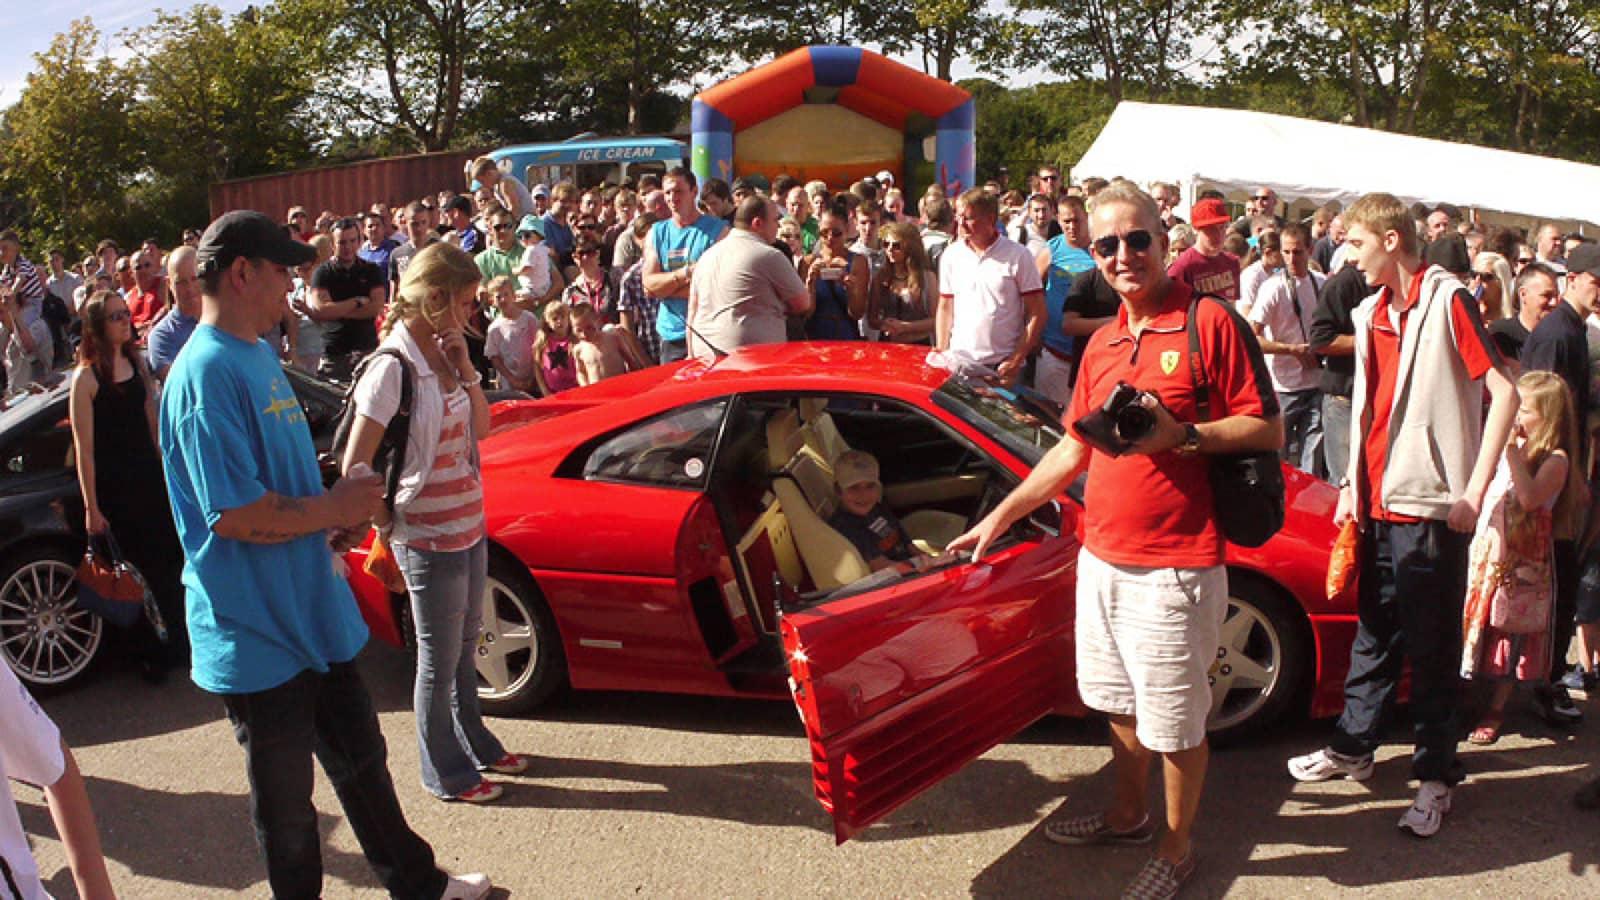 Pai realiza último desejo de filho ao reunir mais de 1.000 carros em encontro 6